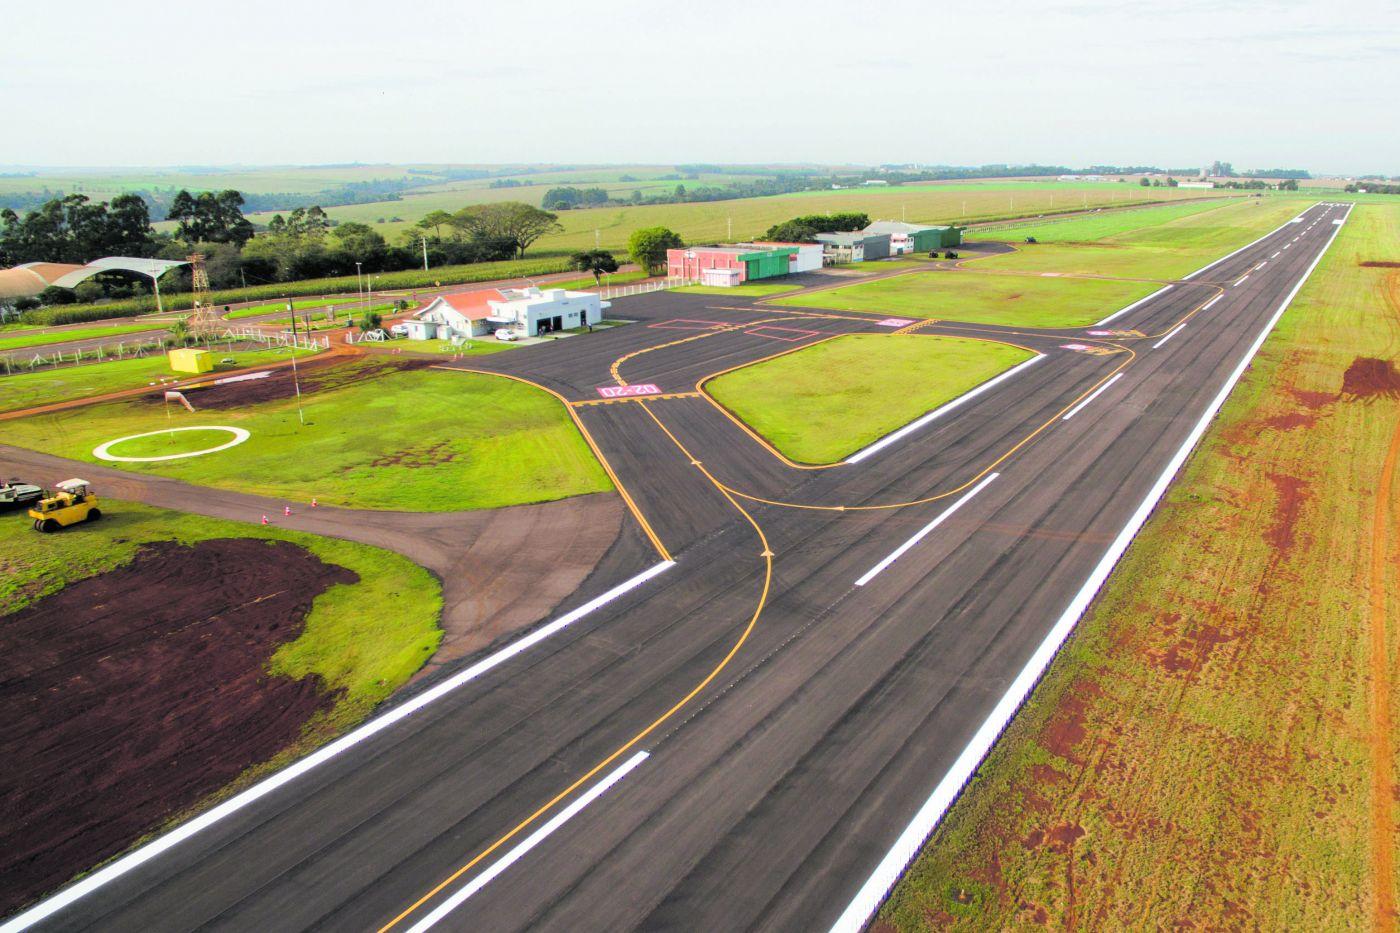 Resultado de imagen para Aeroporto Luiz Dalcanale Filho de Toledo